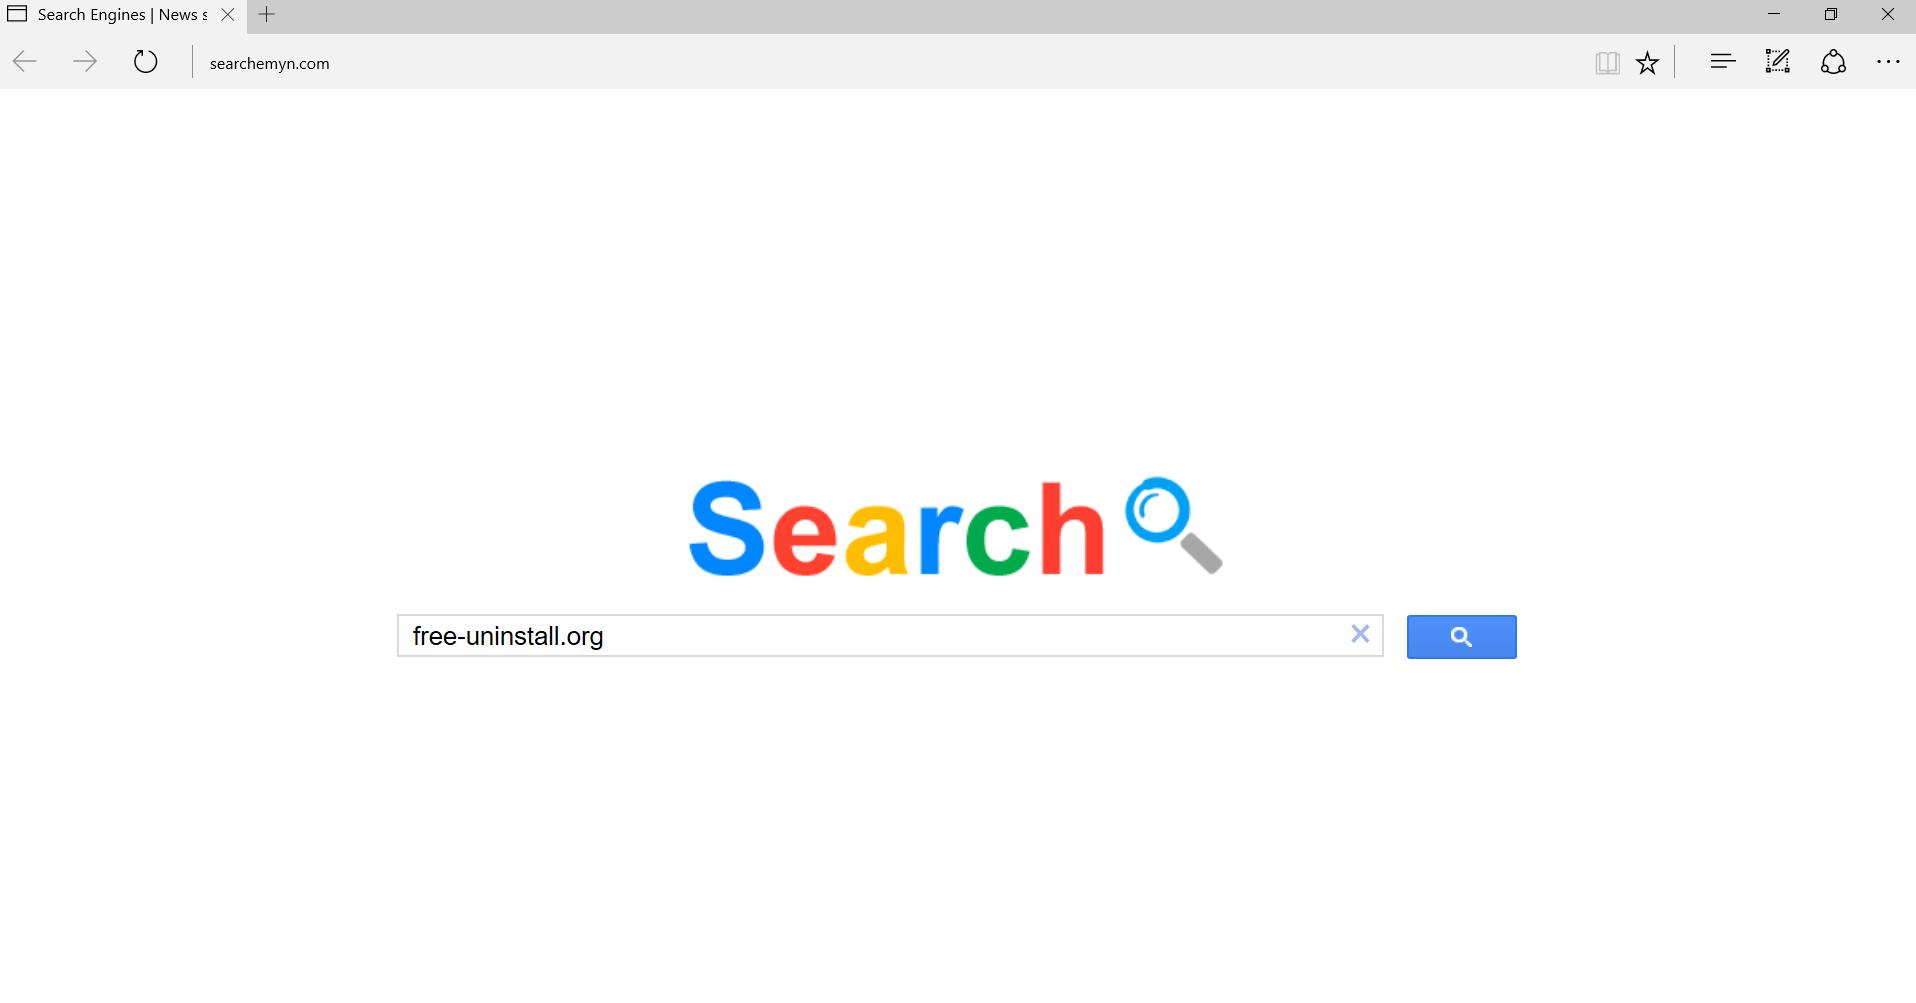 Searchemyn.com Hijacker